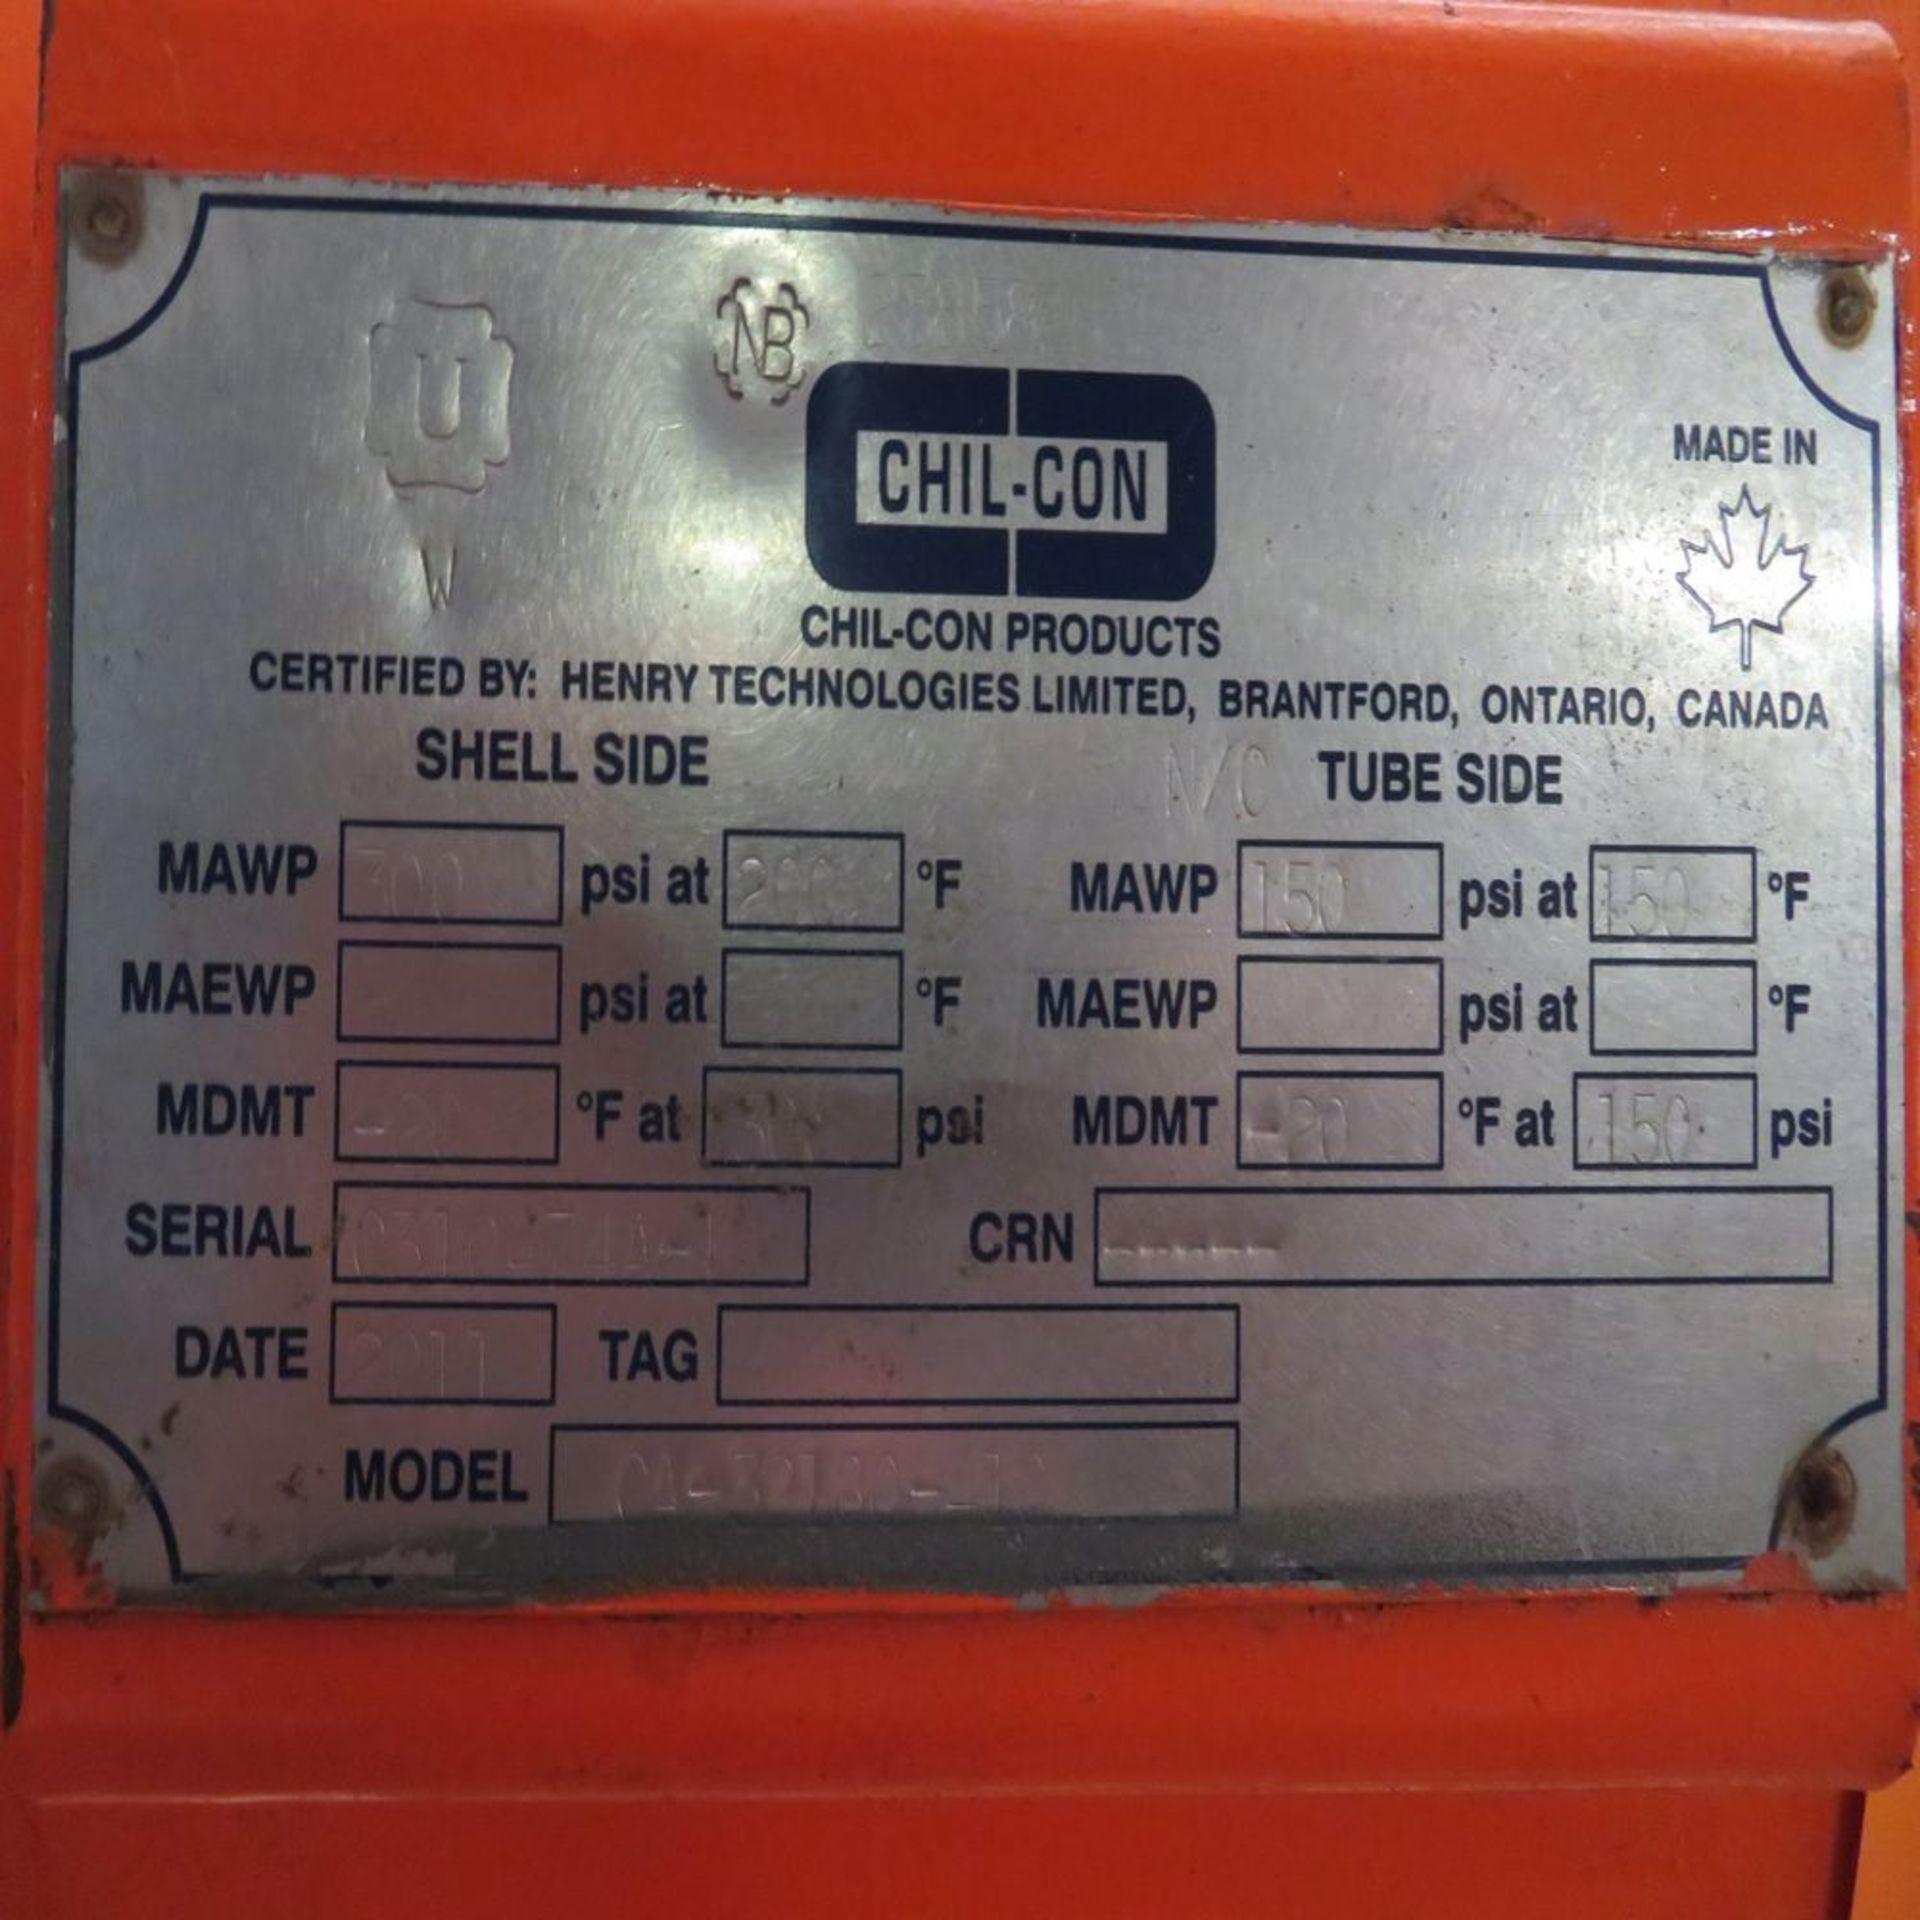 (2011) Chil-Con mod. CA32180-410 Ammonia - Image 4 of 4